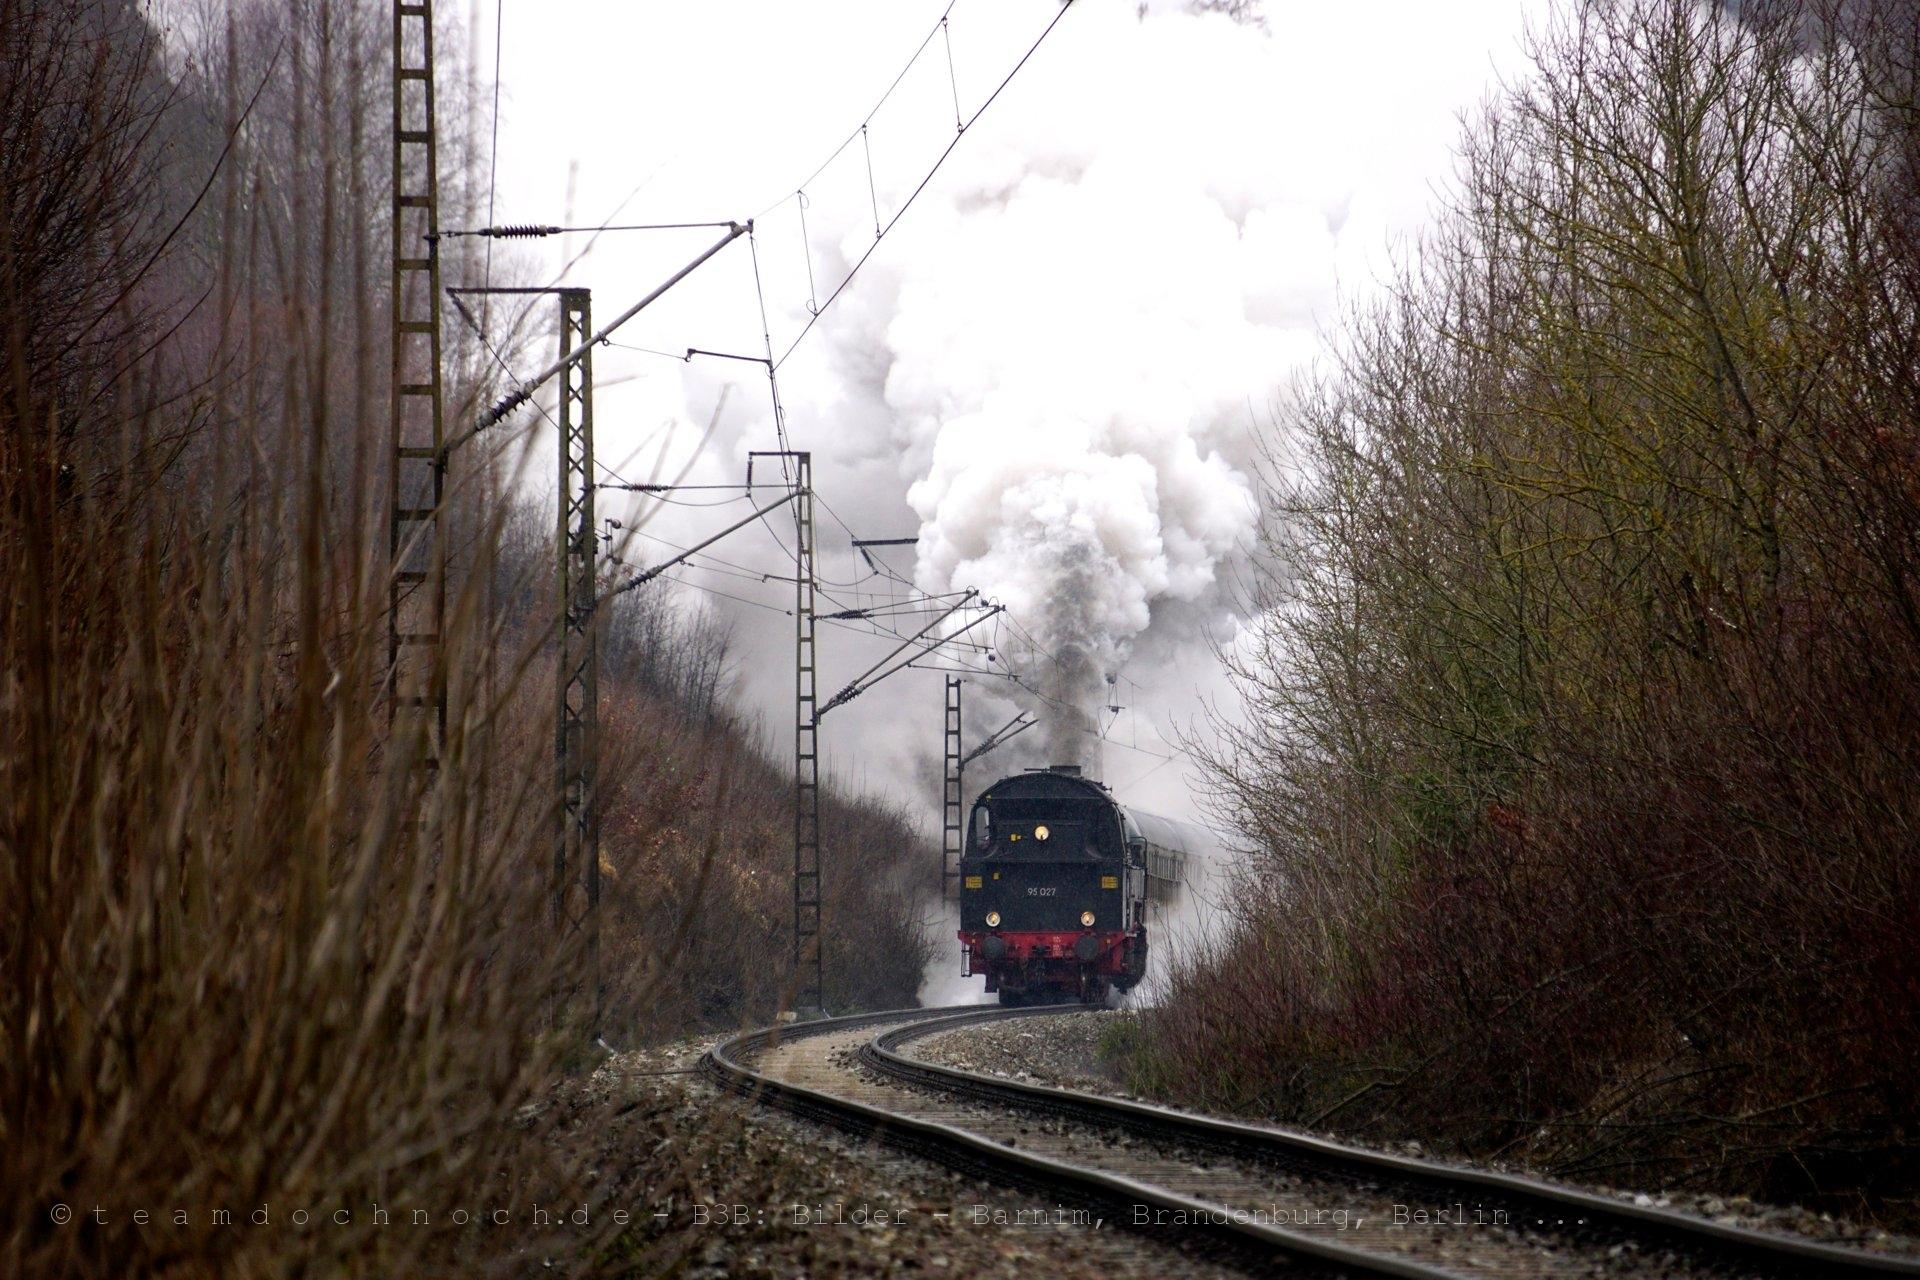 95 027 kurz nach Verlassen des Tunnel Krumme Grube